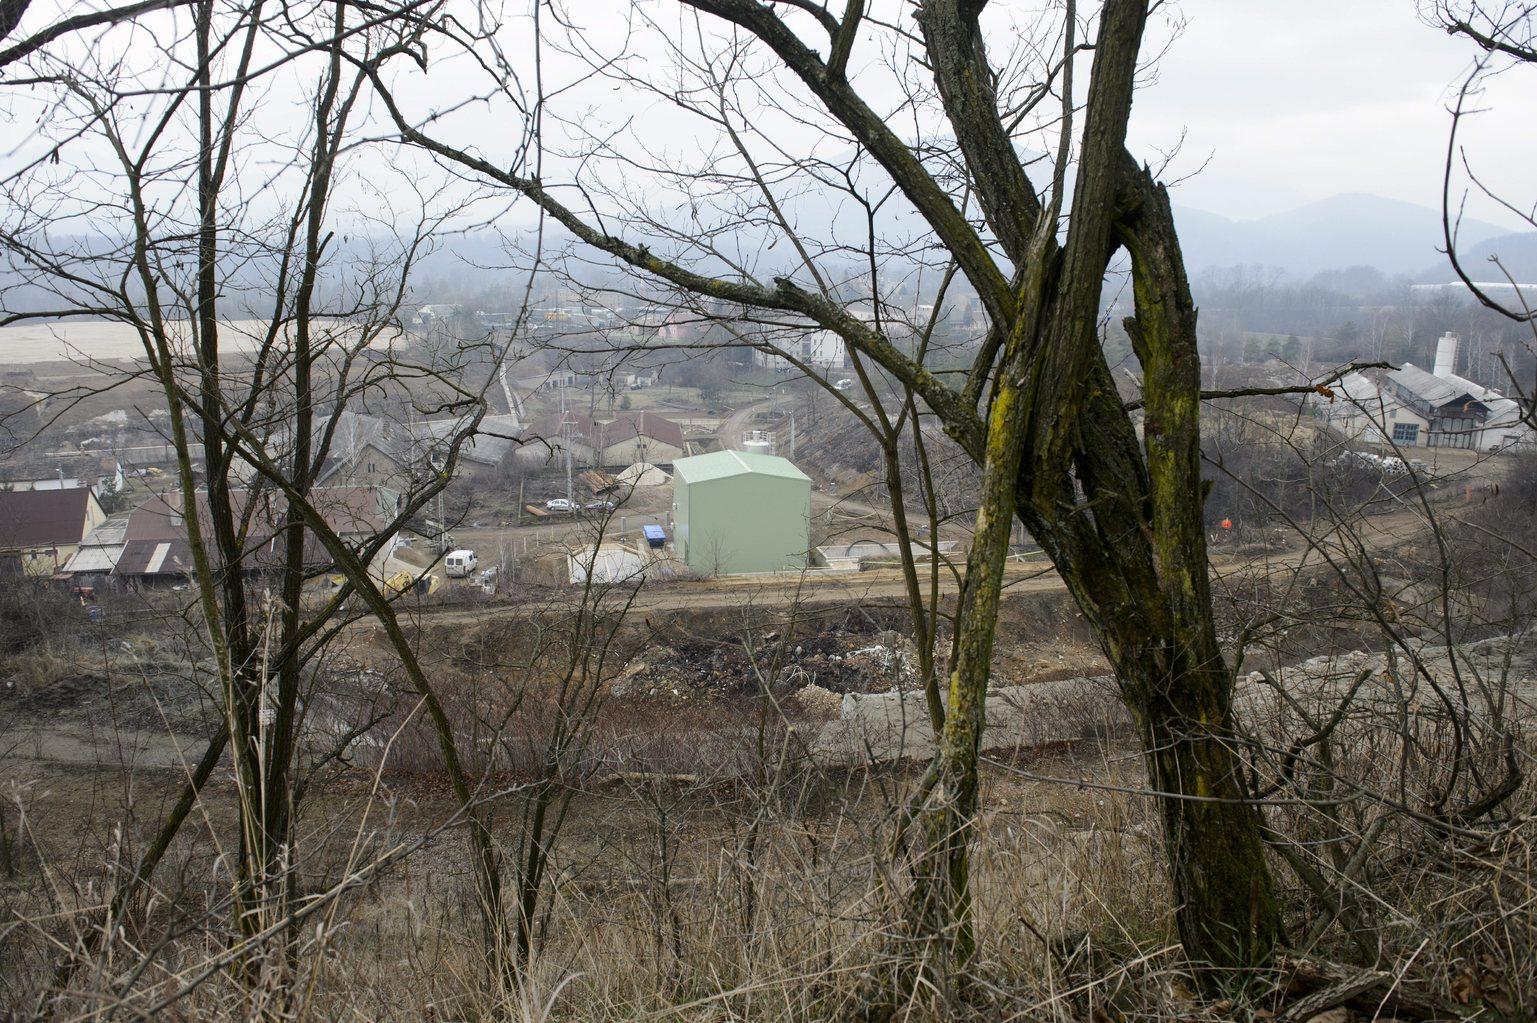 Recsk, 2014. január 17. Rekultivációs munkaterület a vízkezelővel a Recsk I. bányatelken 2014. január 17-én. Felmérik a recski bányatelkek újrahasznosításának lehetőségét és júliusig elkészül az erről szóló kormányelőterjesztés is. A recski ércbányát, ahol az 1970-es években 1300 ember dolgozott, 2000-ben zárták be. MTI Fotó: Komka Péter